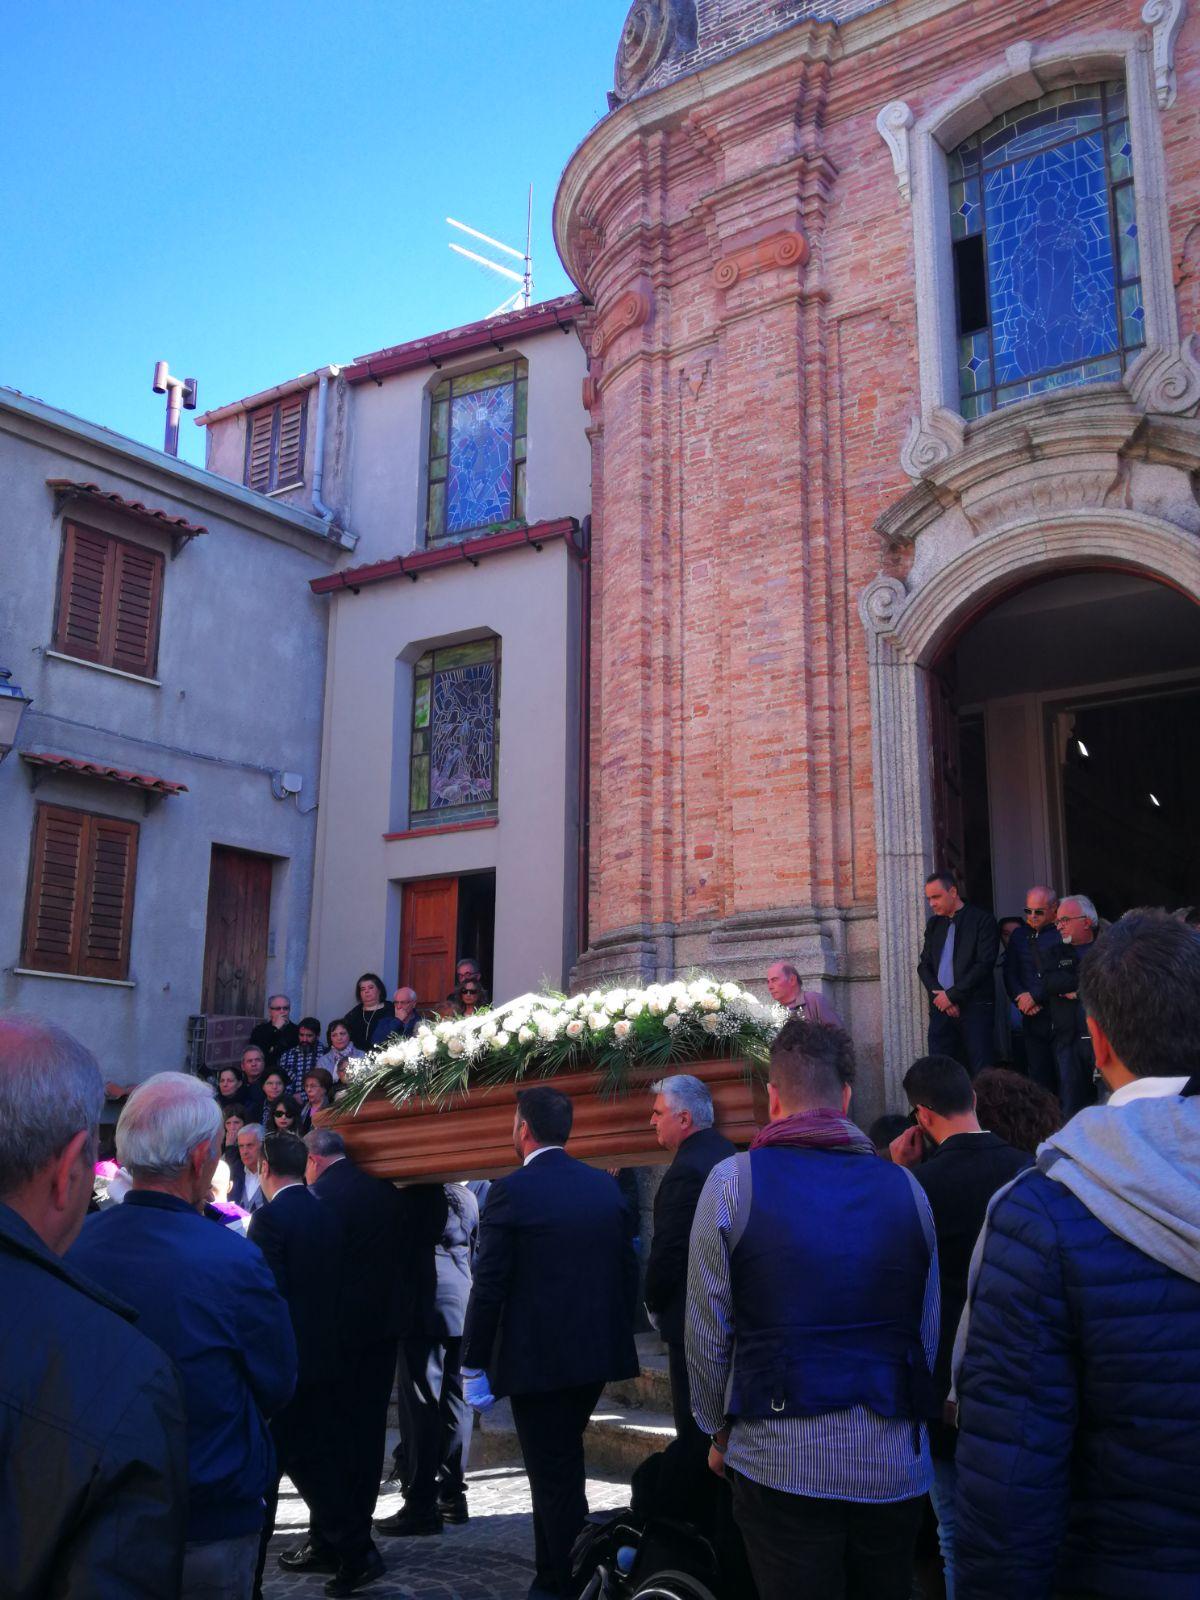 FOTO - Grande commozione al funerale di don Ignazio SchinellaPresenti centinaia tra sacerdoti e vescovi da tutta Italia